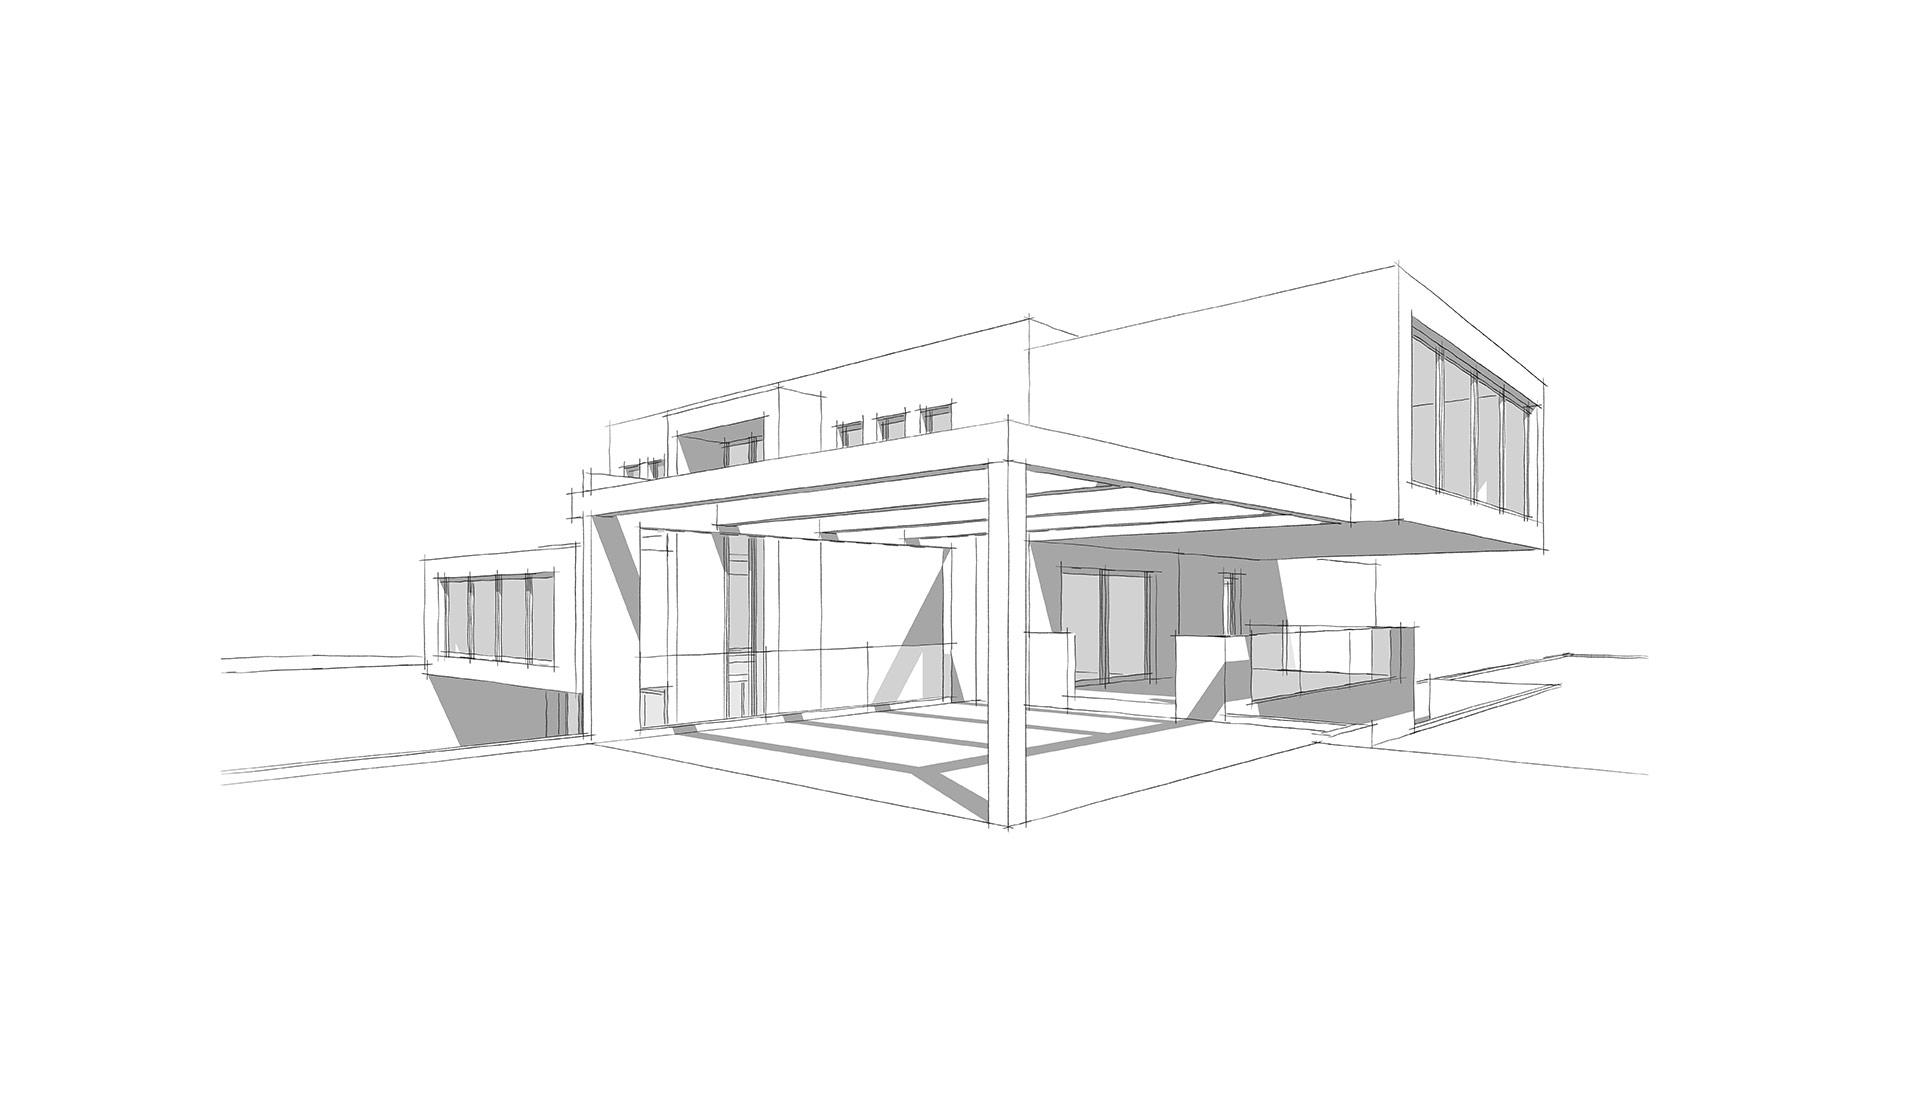 casa minimalista dos plantas